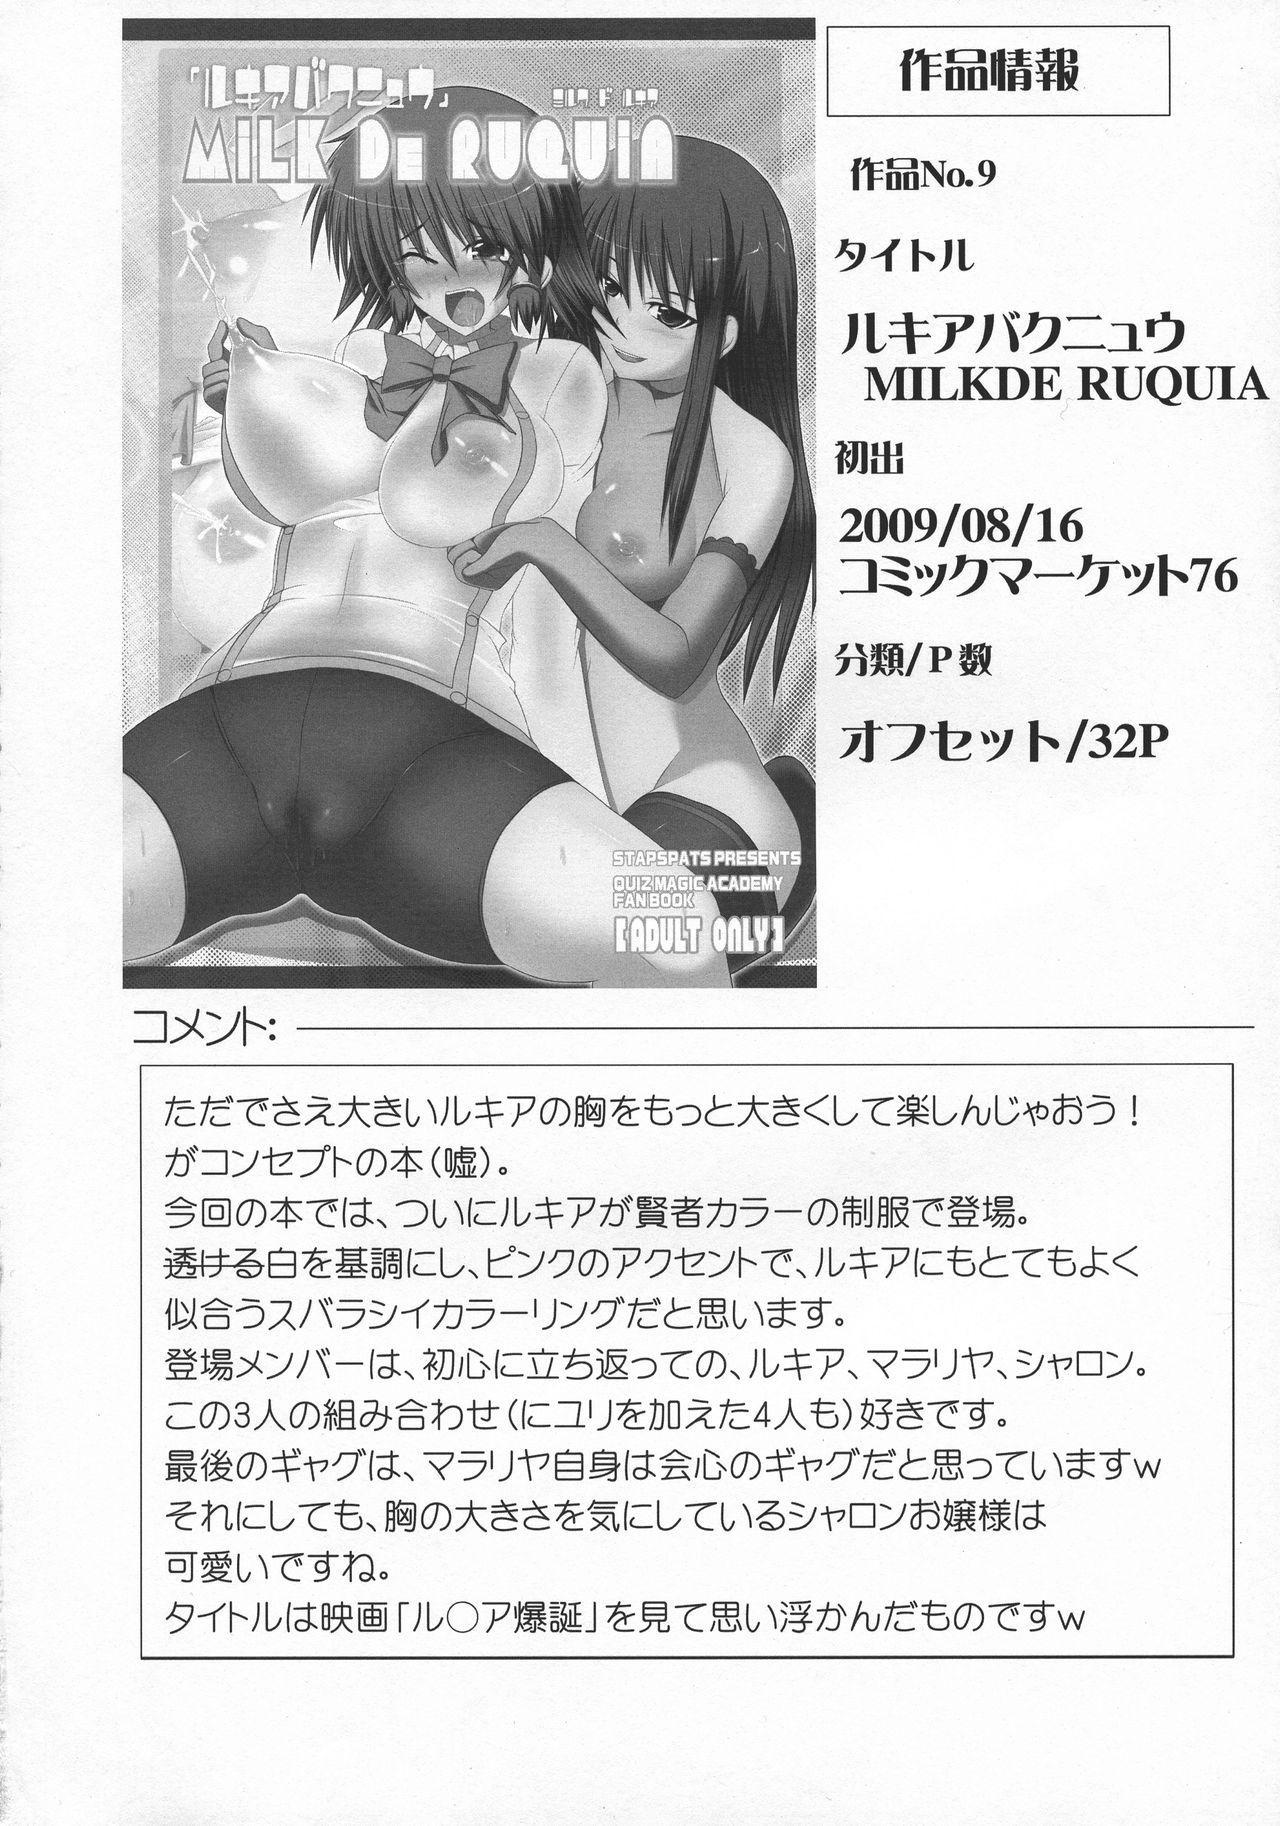 Stapspats QMA Soushuuhen 2: Marumaru Issatsu! Ruquia Hon!! 72